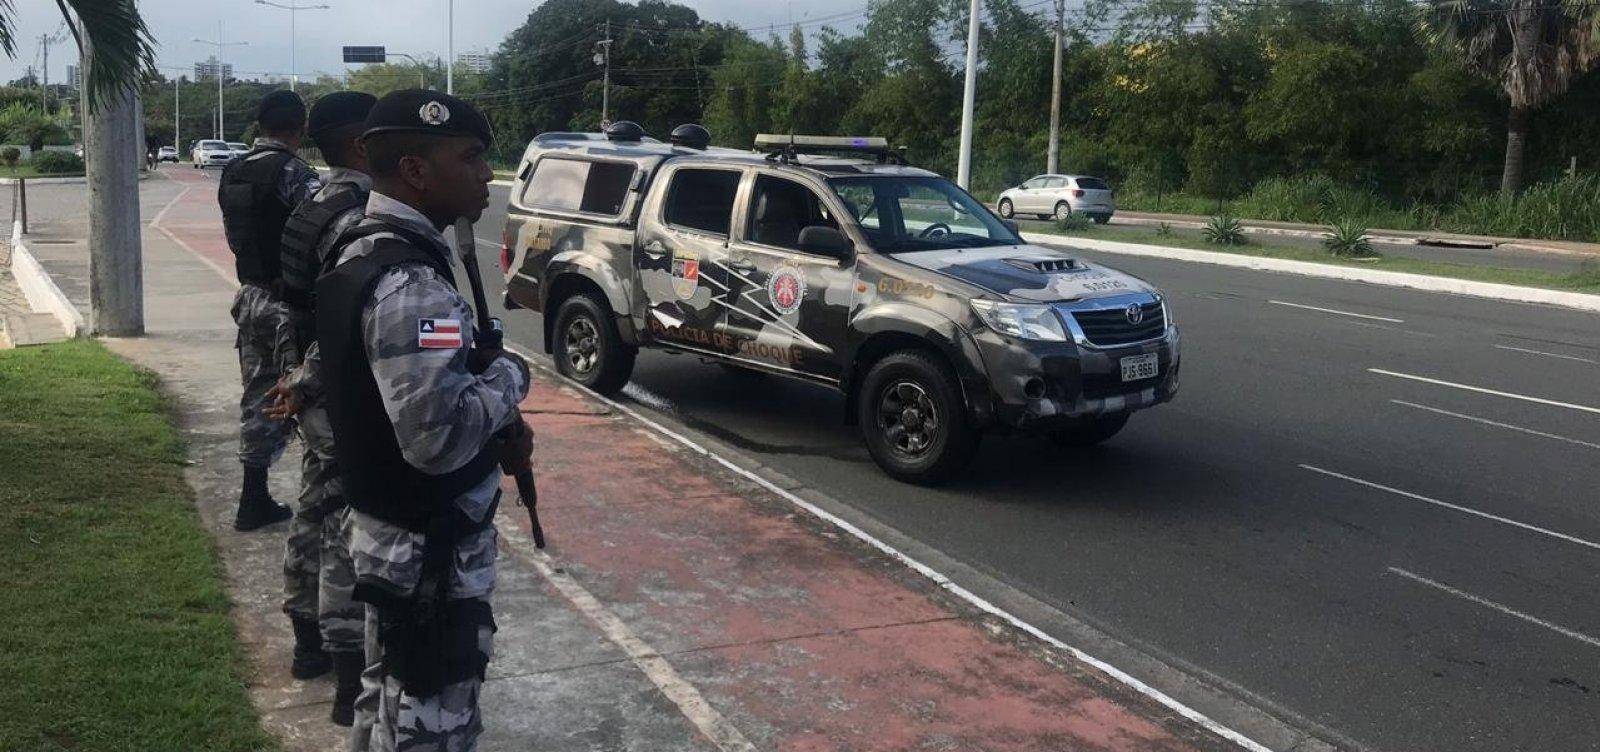 Governador pede investigação do MP e MPF sobre atos de terrorismo na Bahia